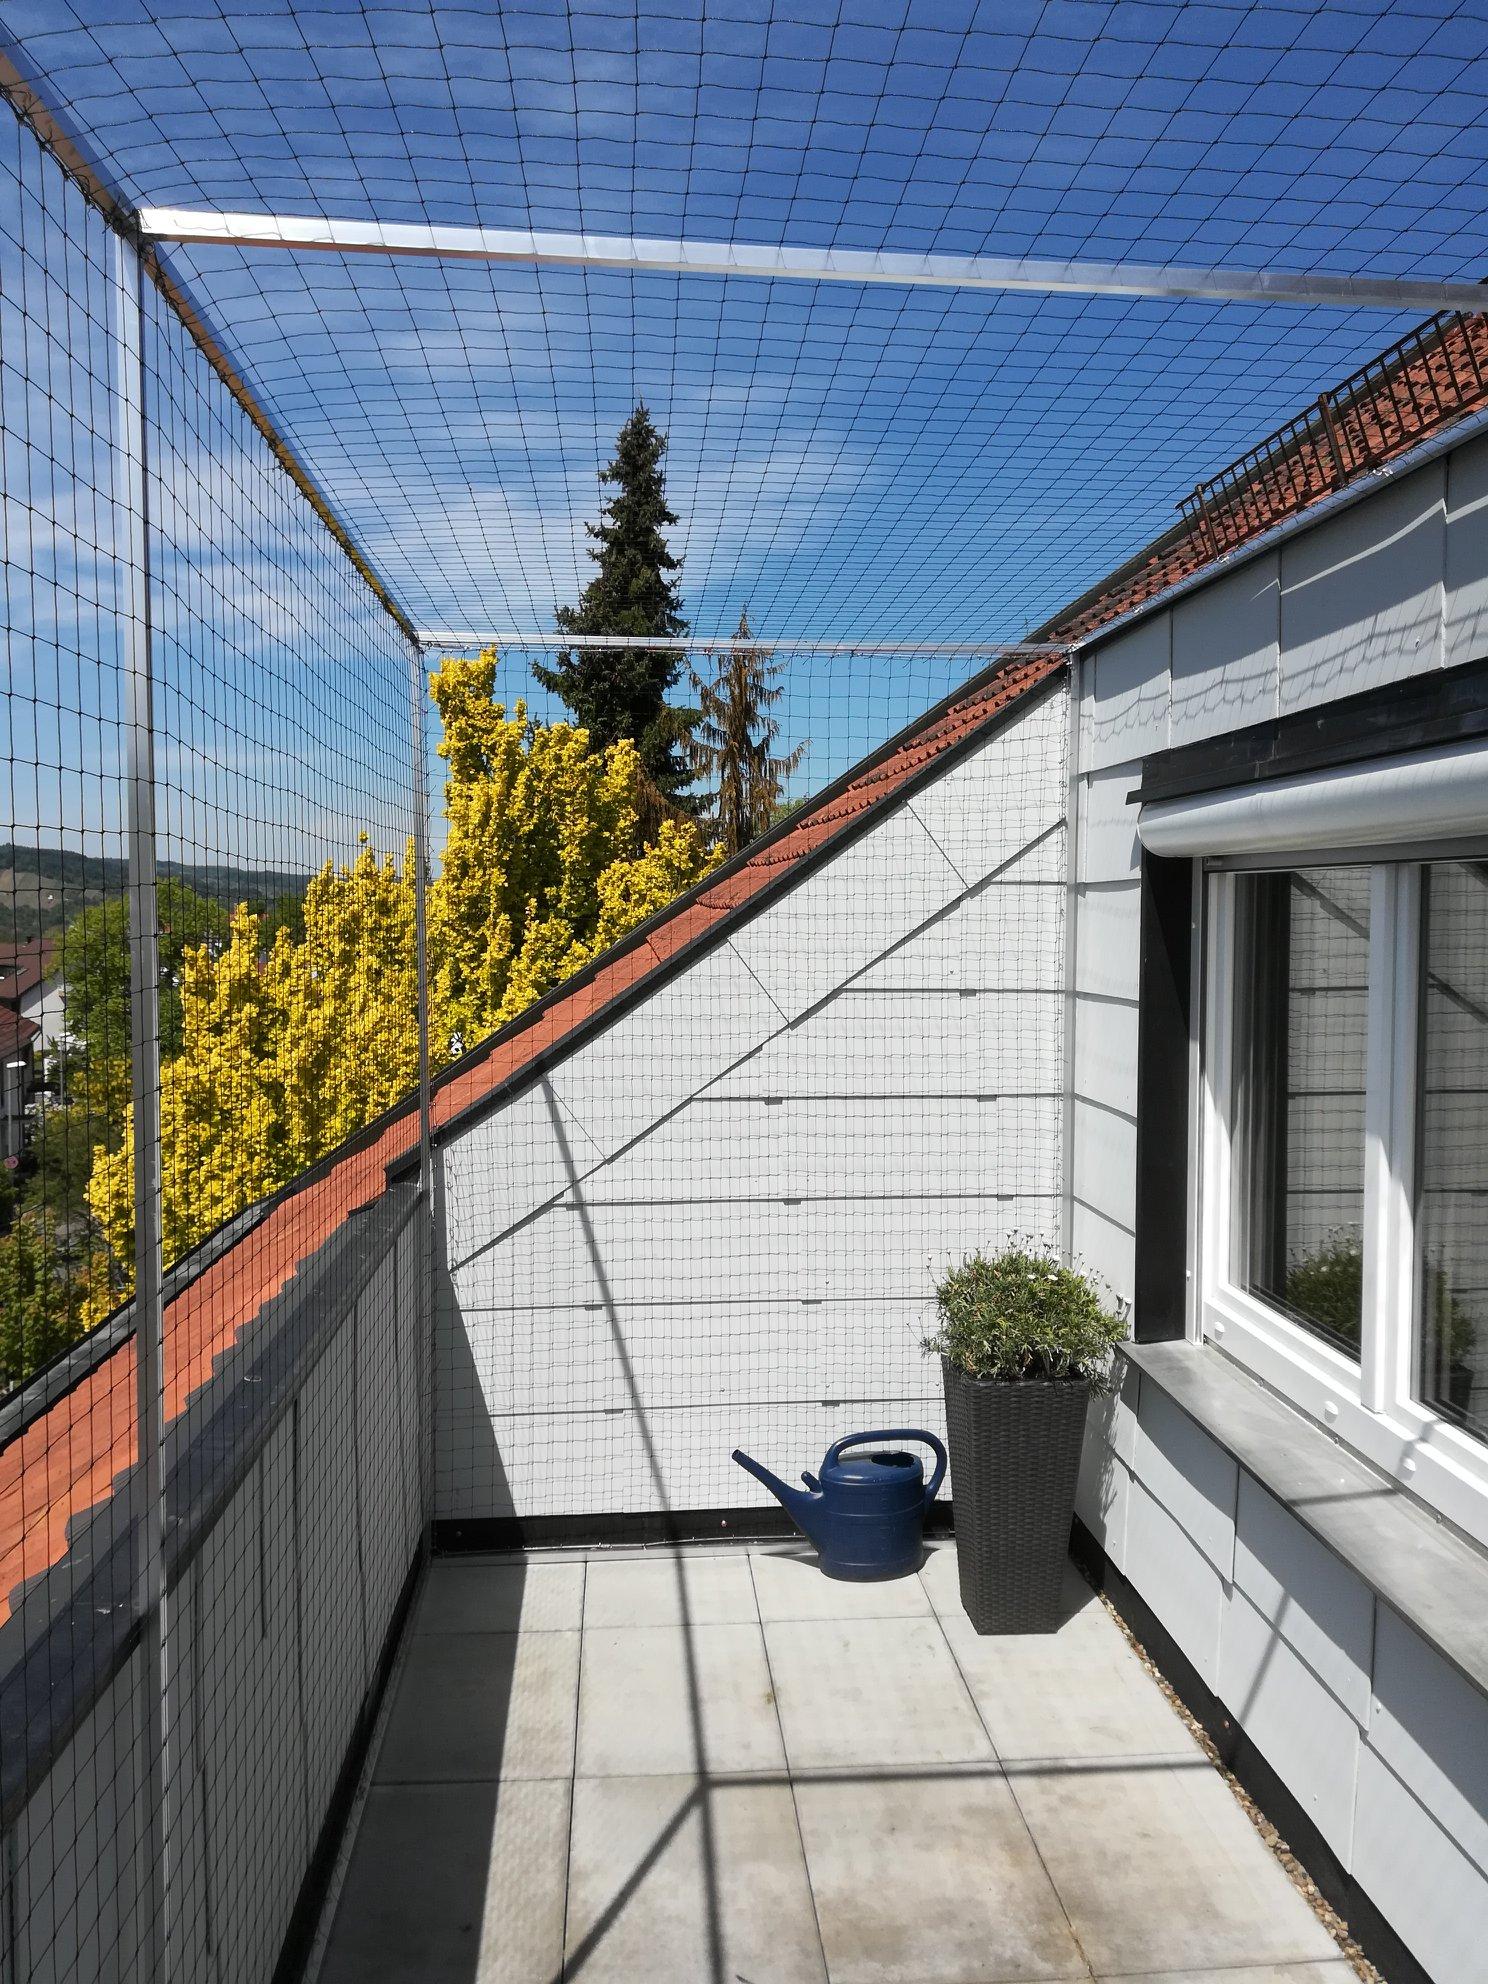 Katzennetze am Balkon